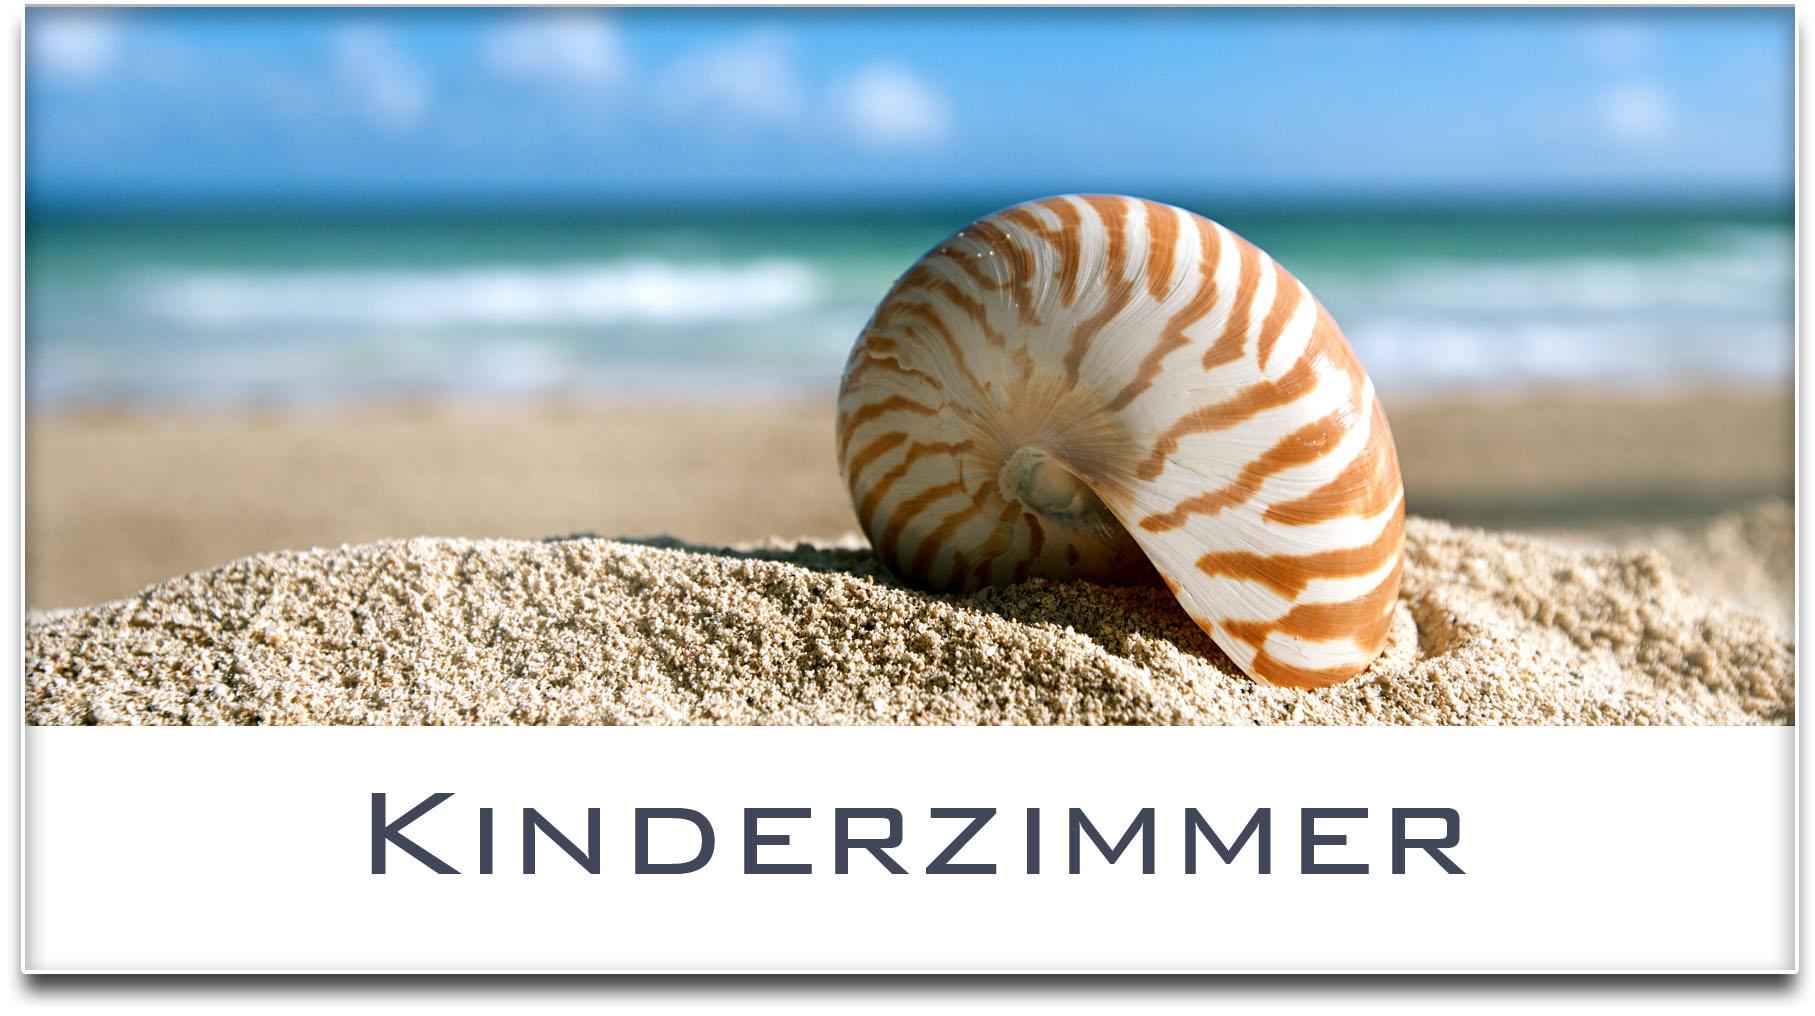 Türschild / Haustürschild / Muschel / Strand / Kinderzimmer / Selbstklebend